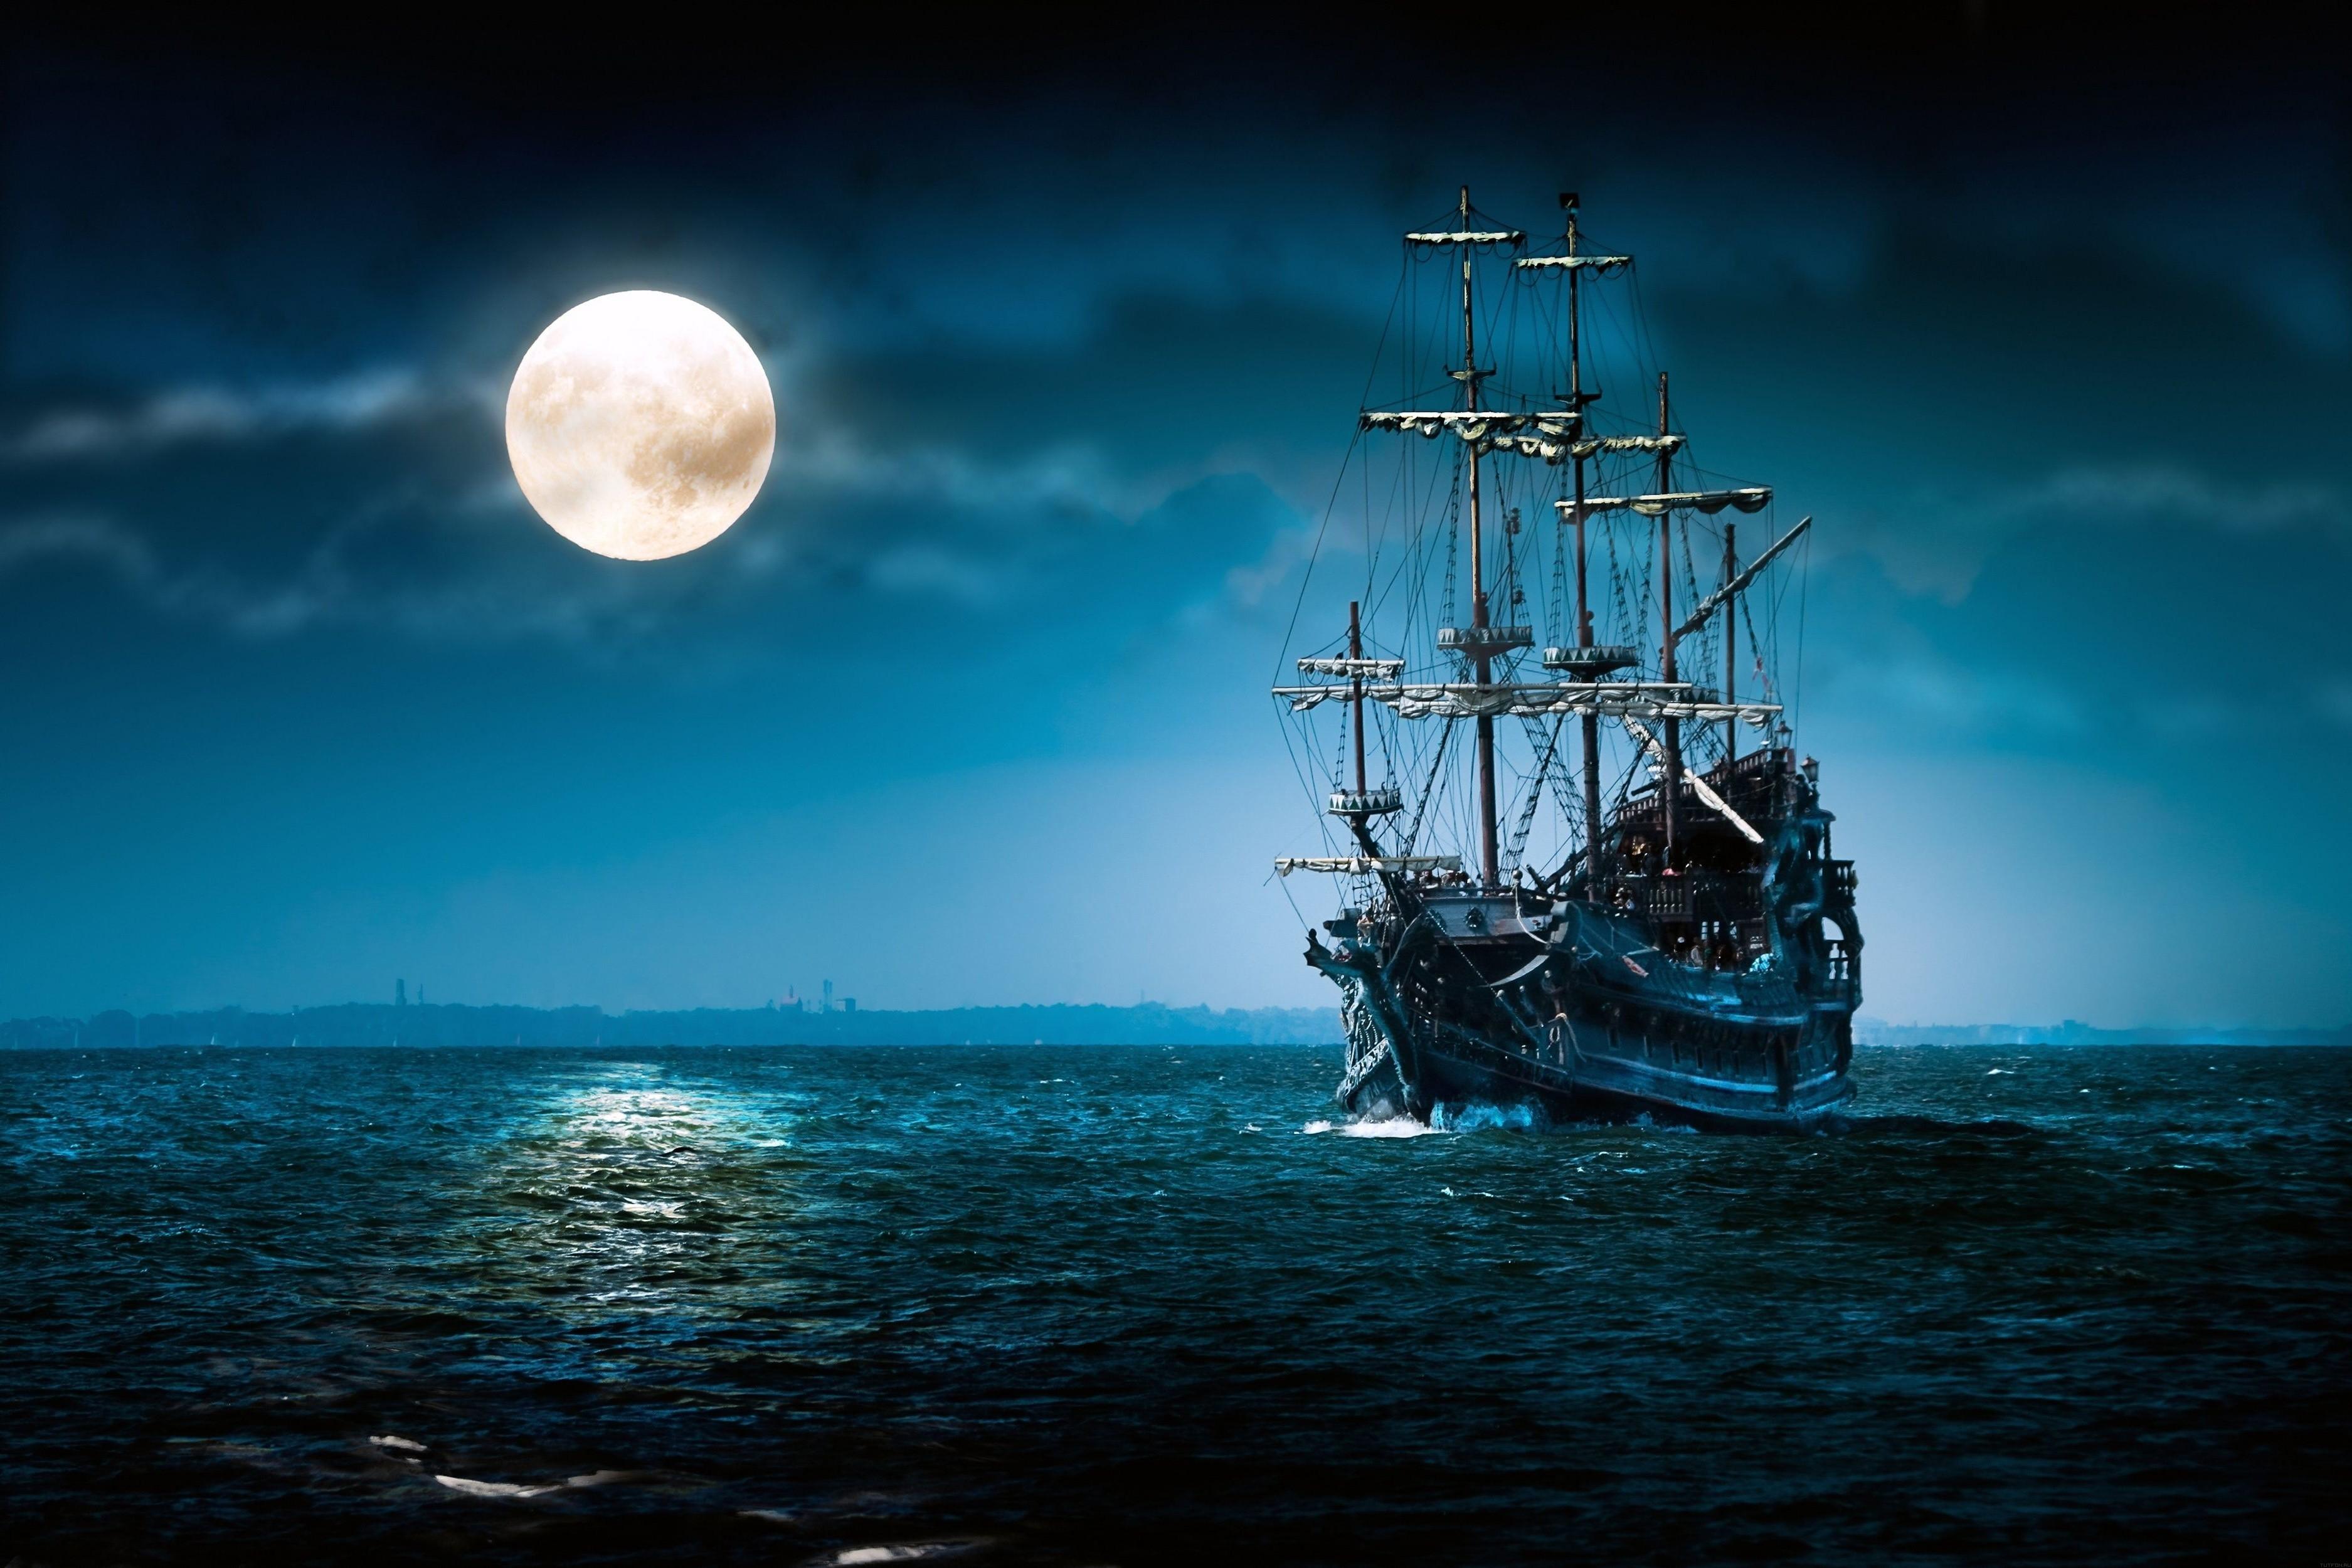 Risultati immagini per moon sea